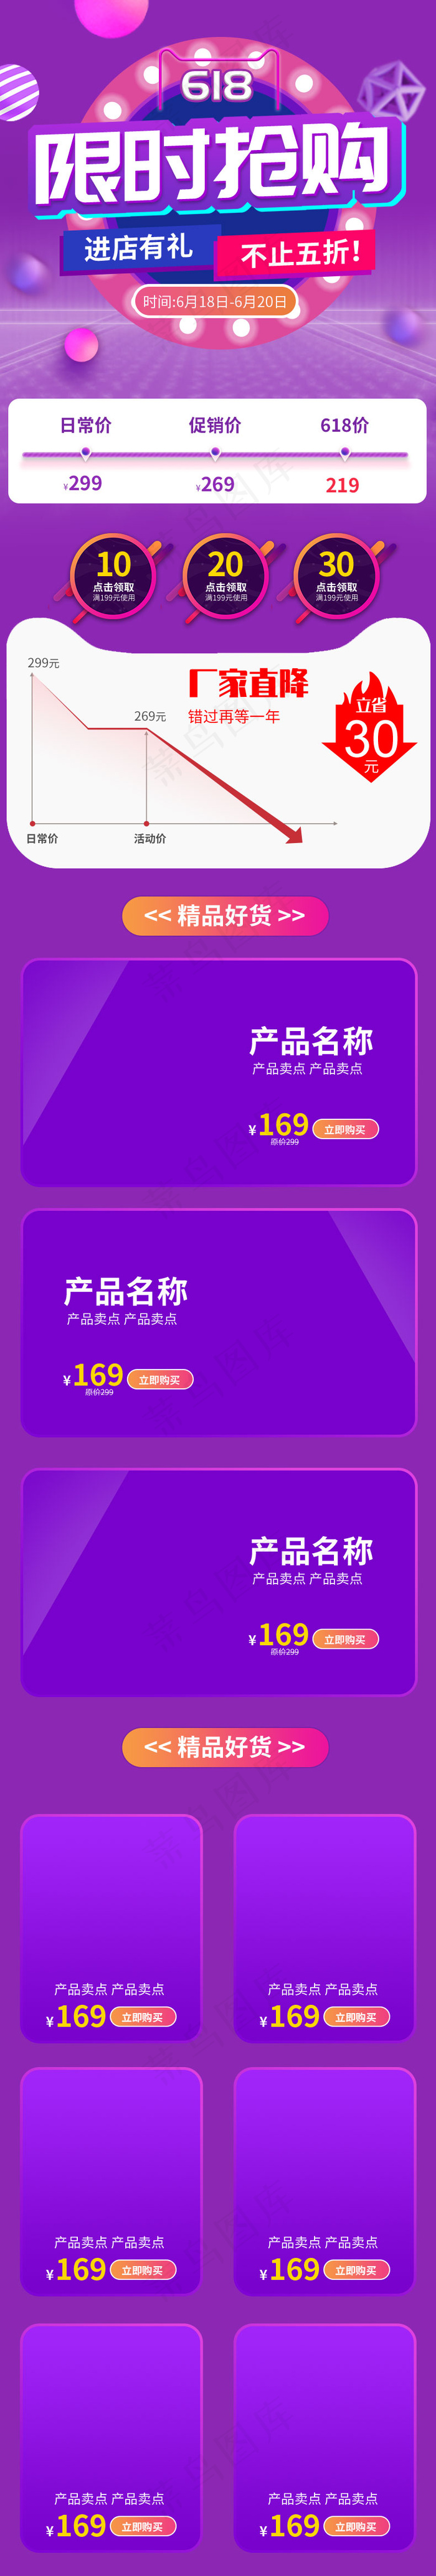 psd模版下载紫色大气电商通用618详情页海报模版